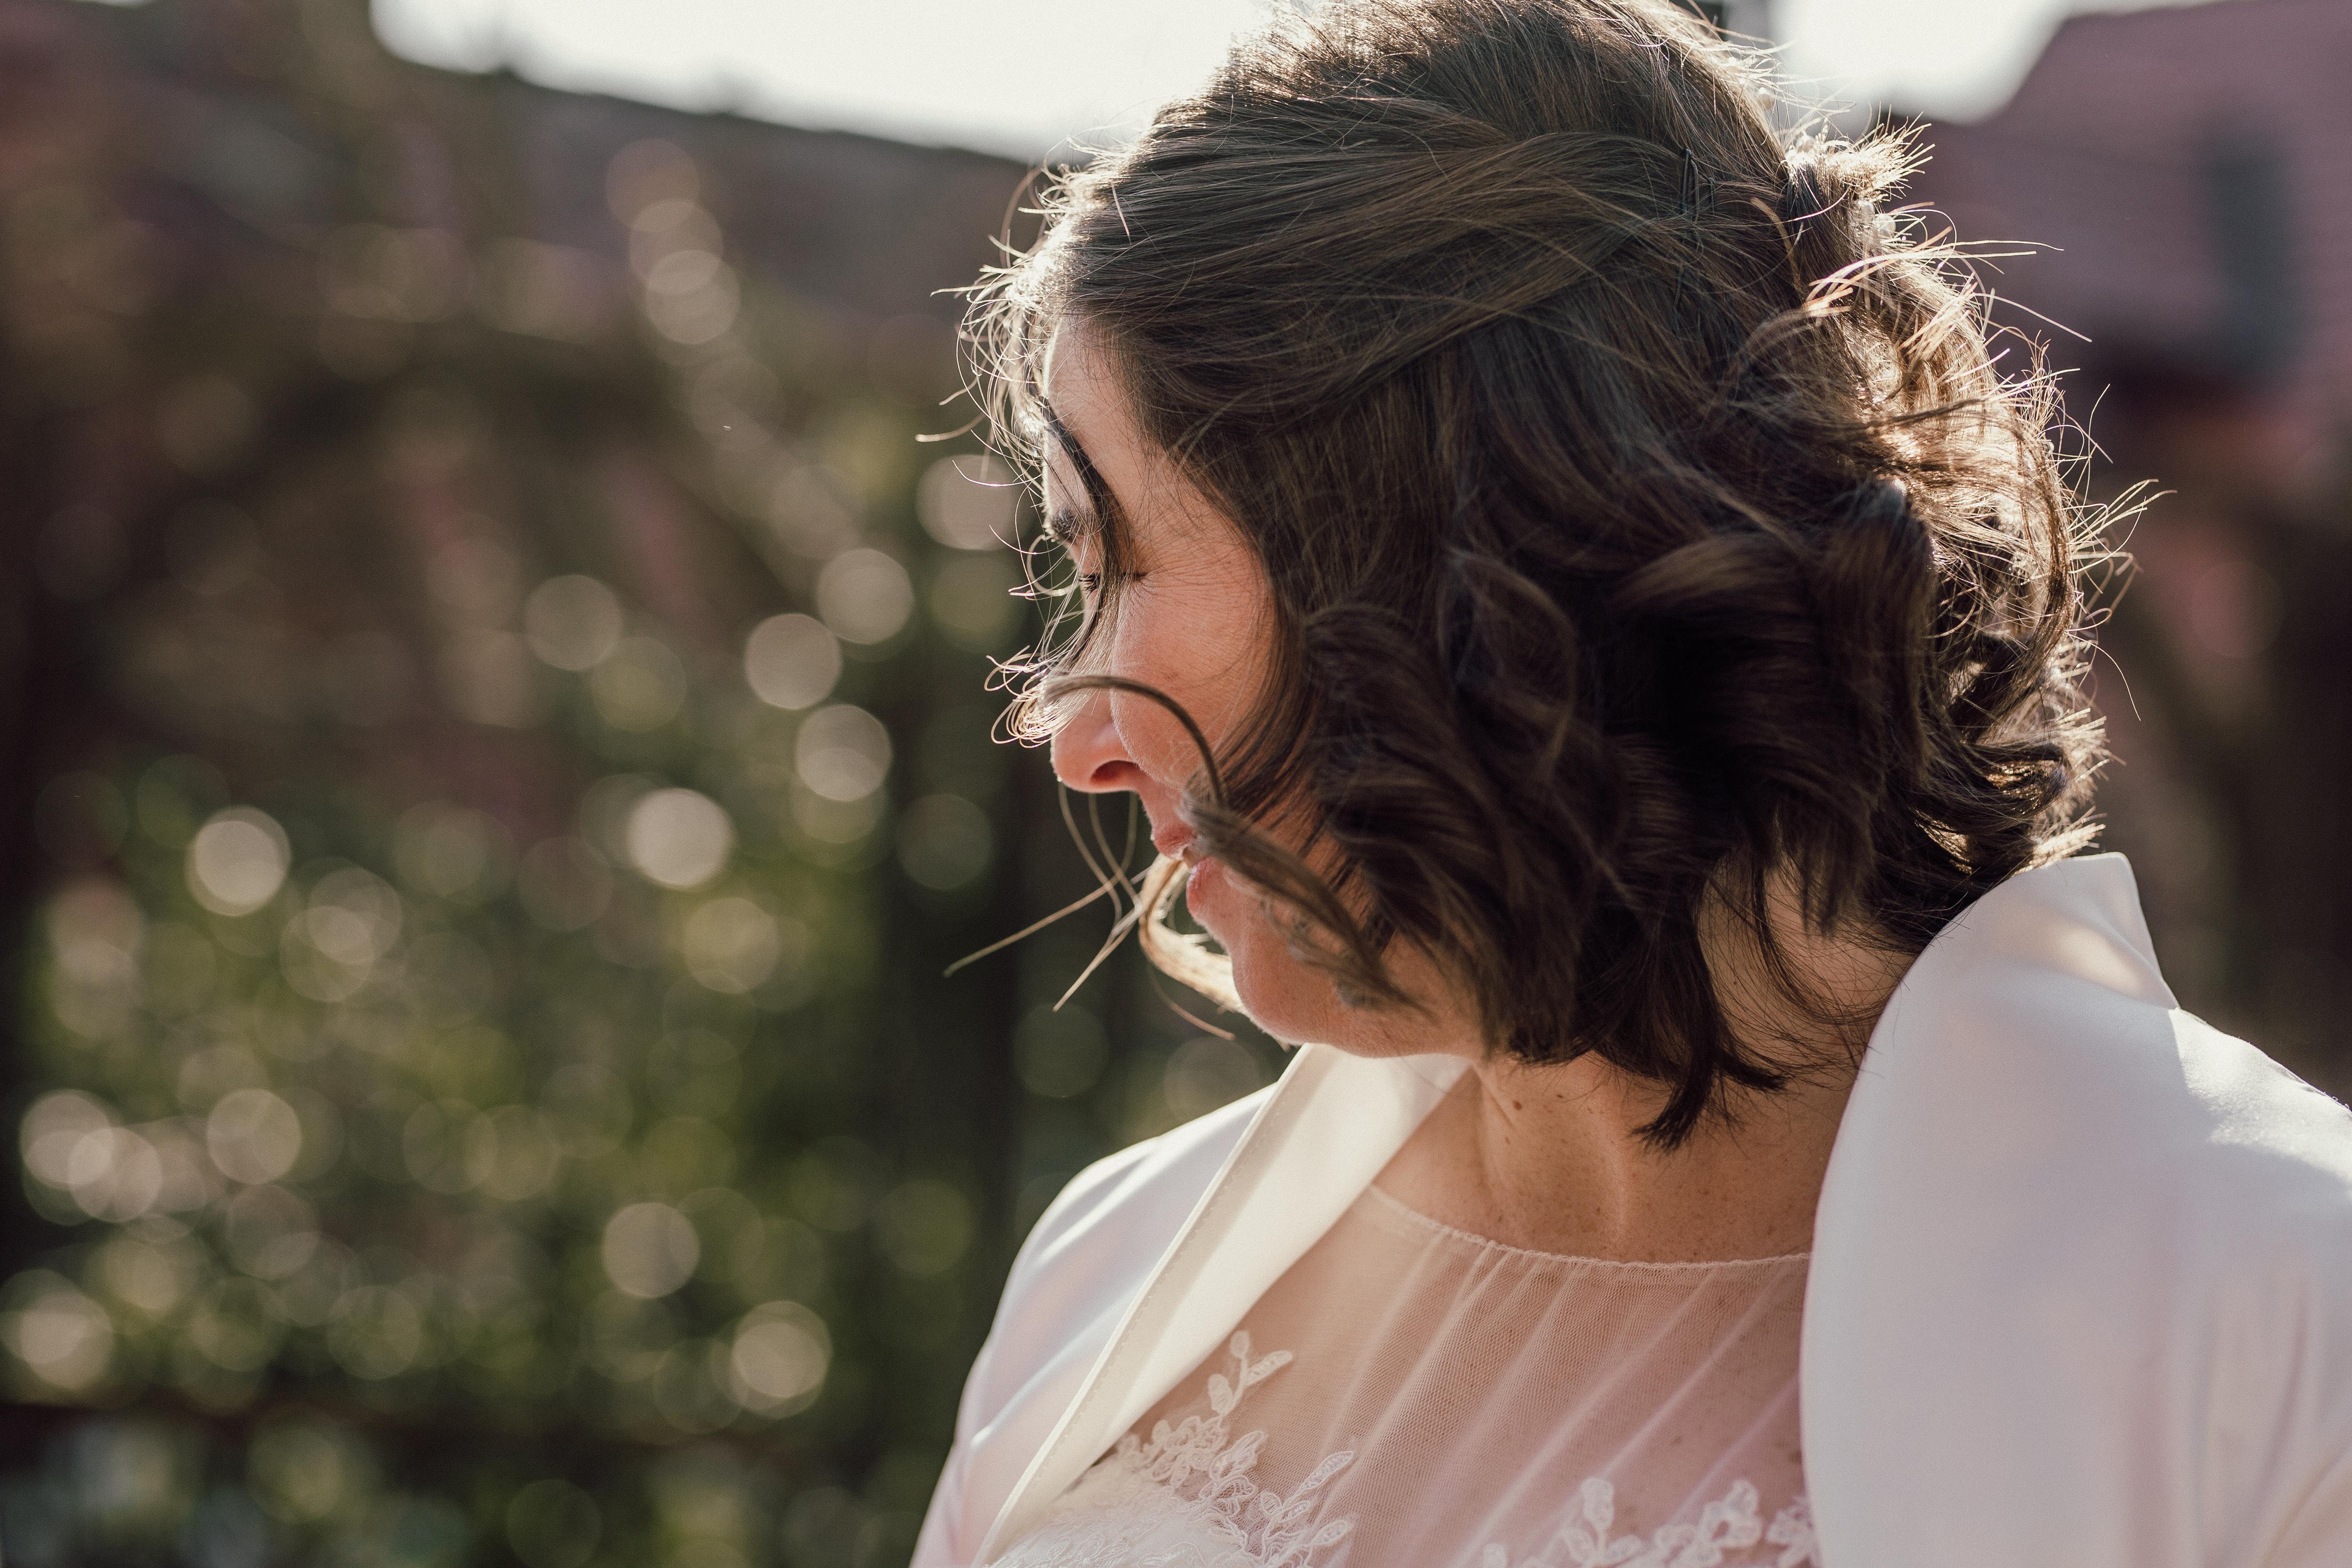 URBANERIE_Daniela_Goth_Hochzeitsfotografin_Nürnberg_Fürth_Erlangen_Schwabach_180223_0041